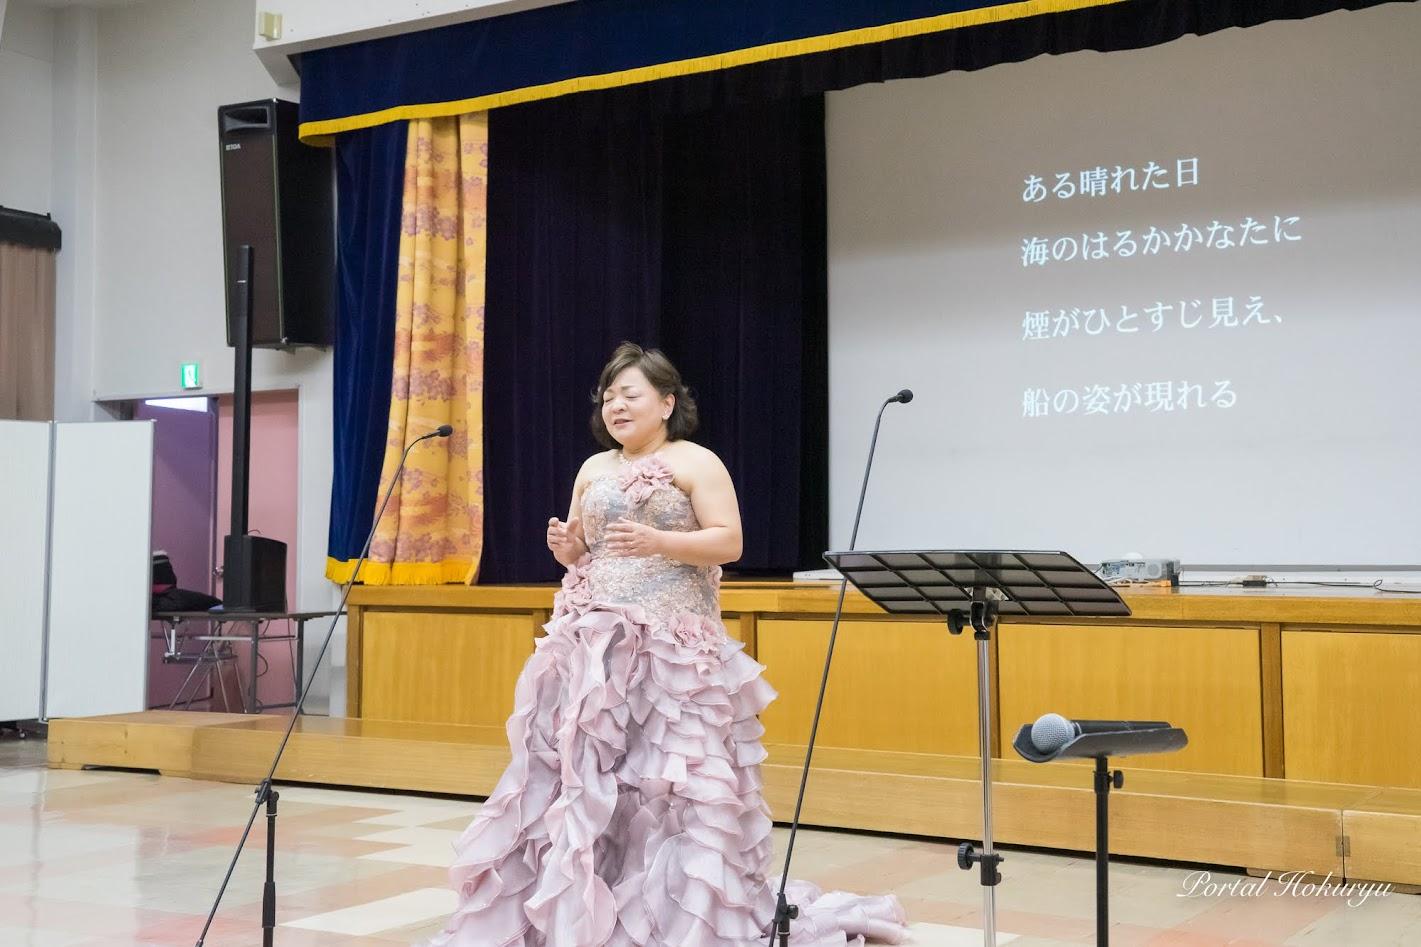 『蝶々夫人』を歌う菊入三恵さん